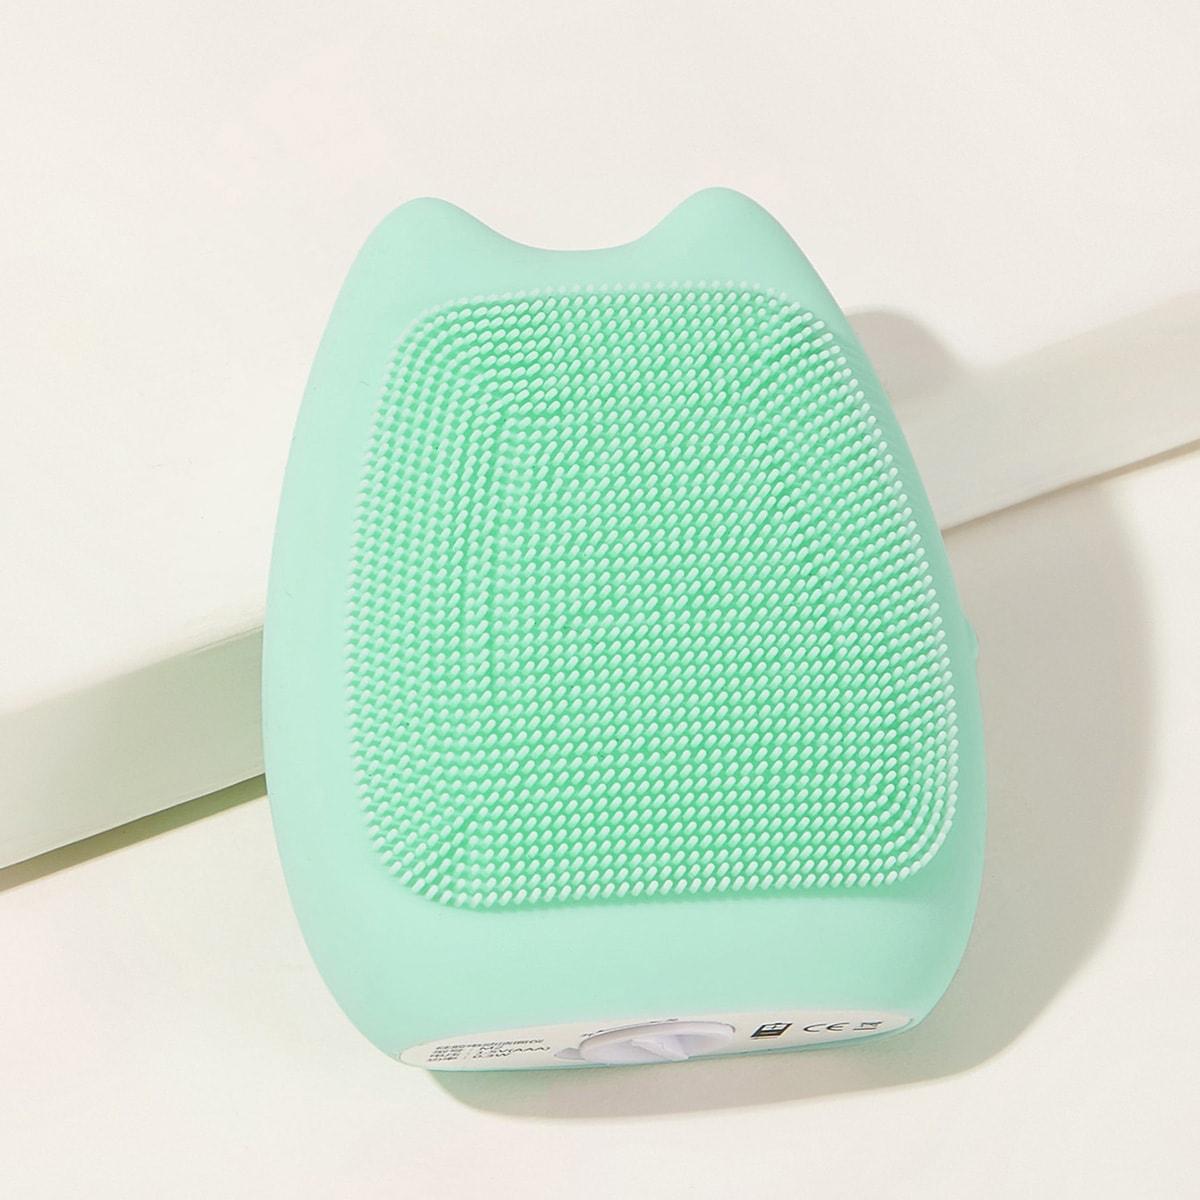 Siliconen elektrisch reinigend gezichtsinstrument